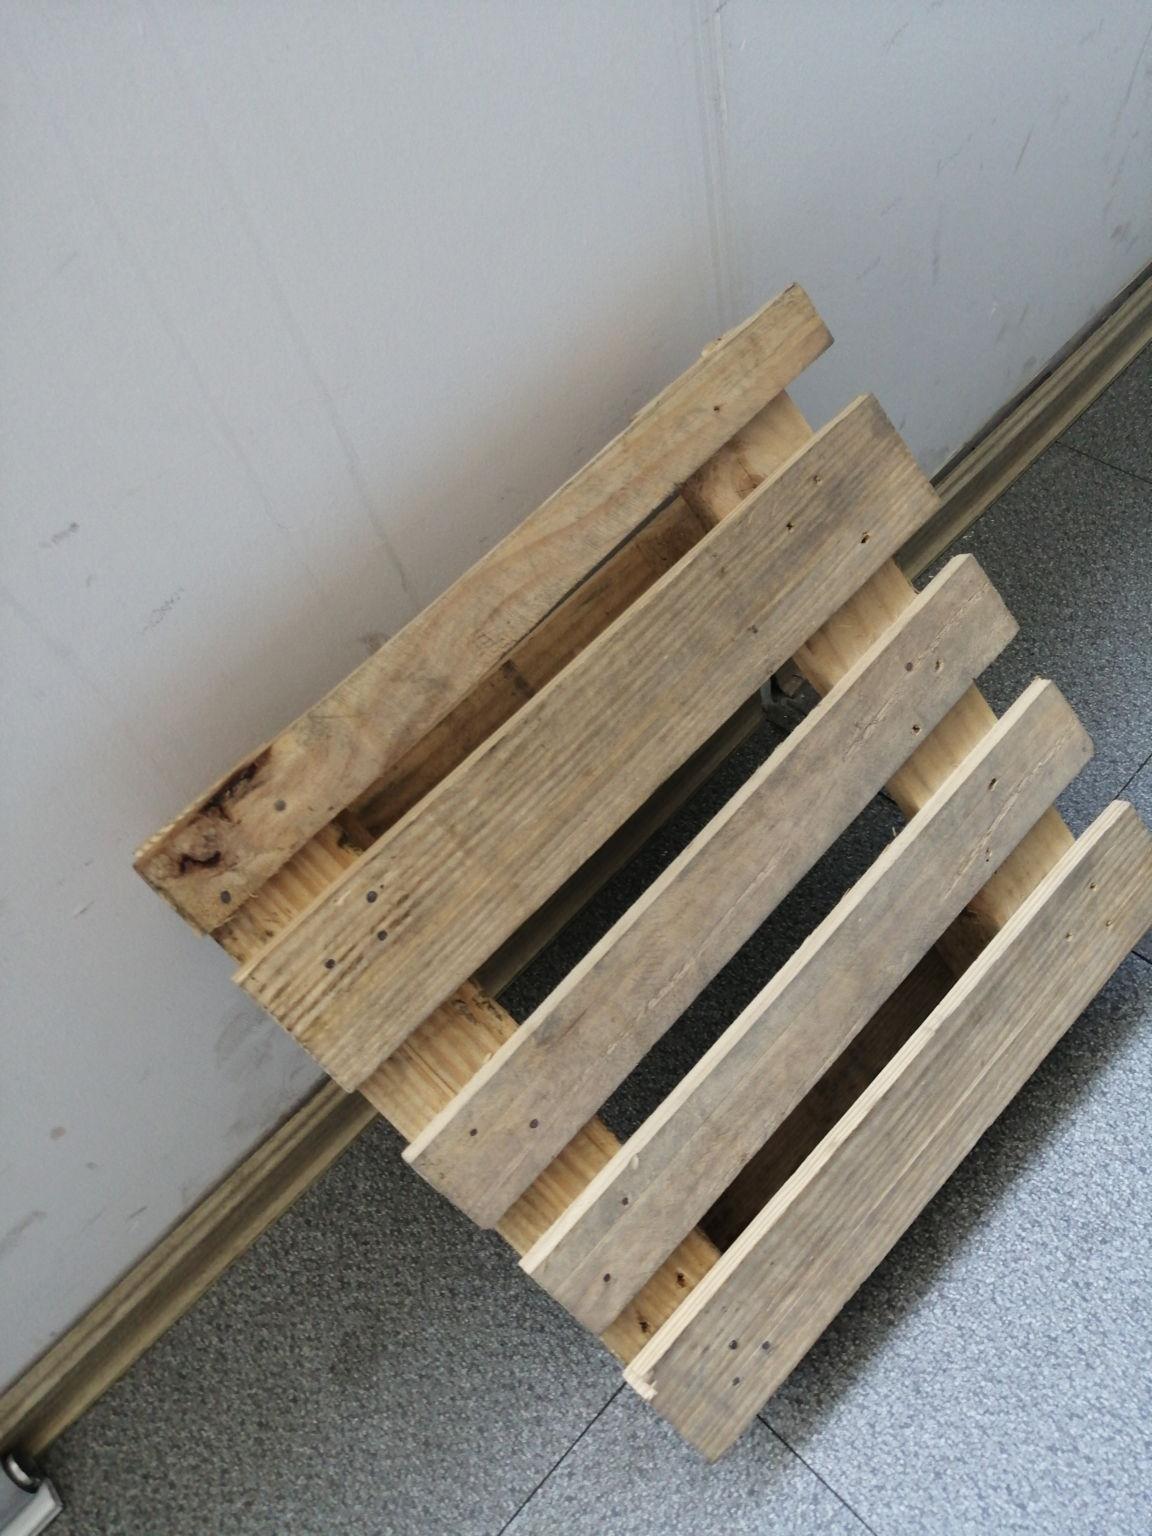 木制托盘生产厂家-木制托盘生产厂家批发、促销价??,❃㍙≩、产